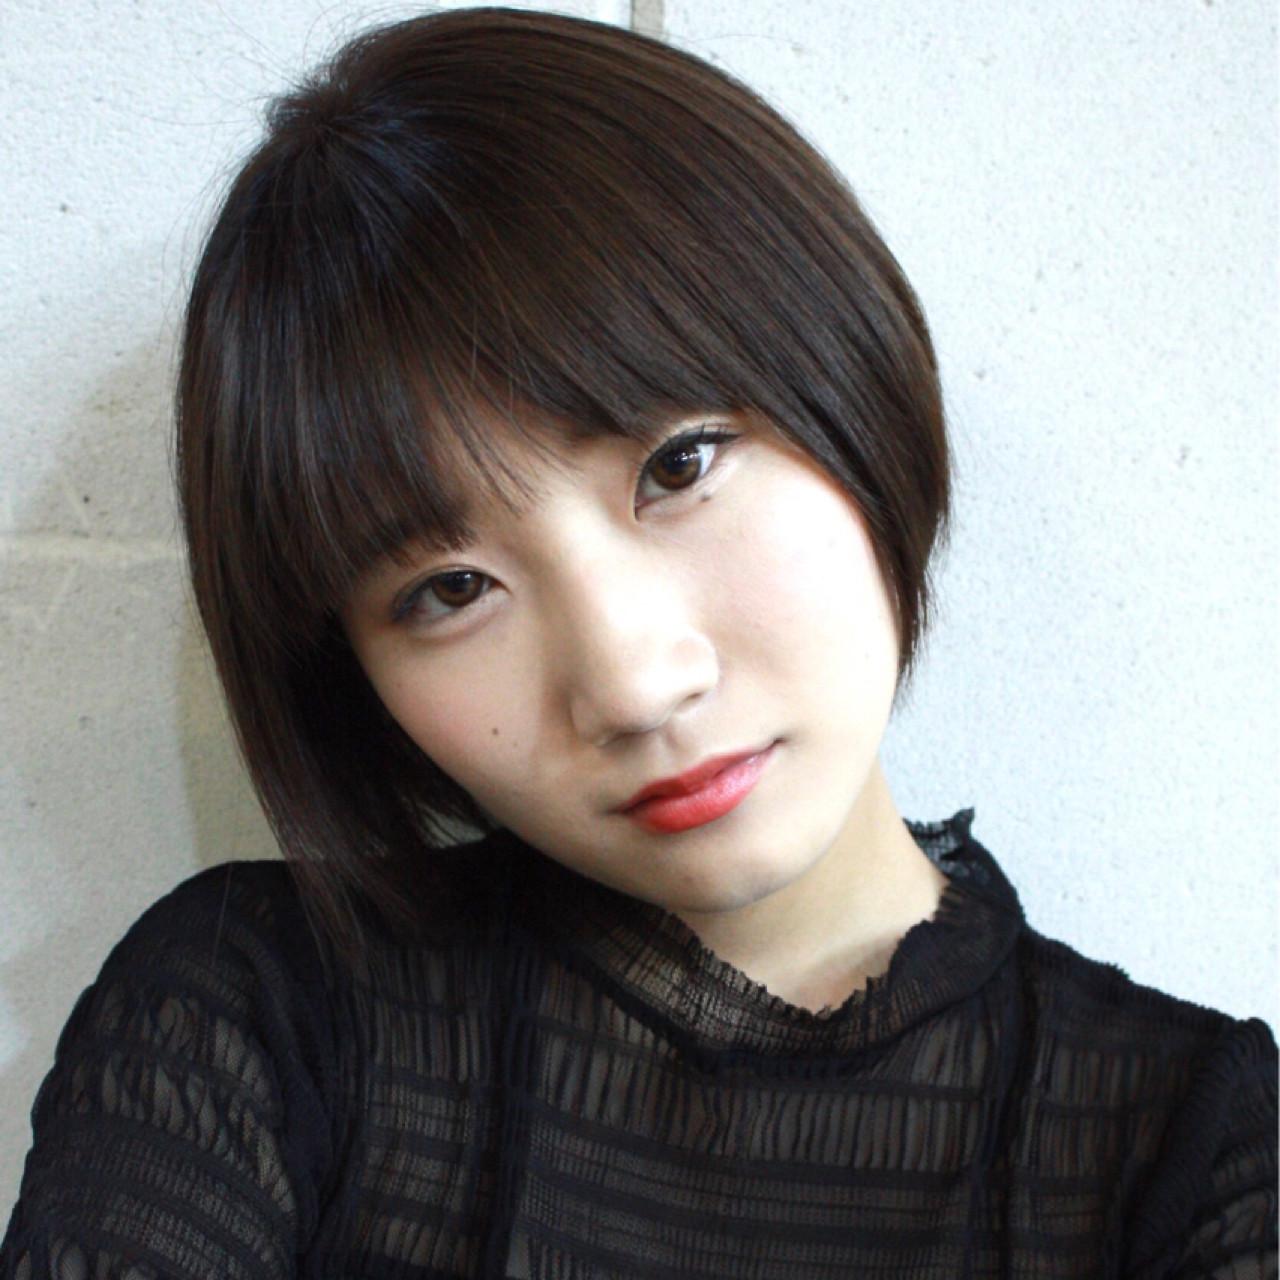 モテ髪 小顔 ナチュラル 似合わせ ヘアスタイルや髪型の写真・画像 | 服部 巧 / LOAWe